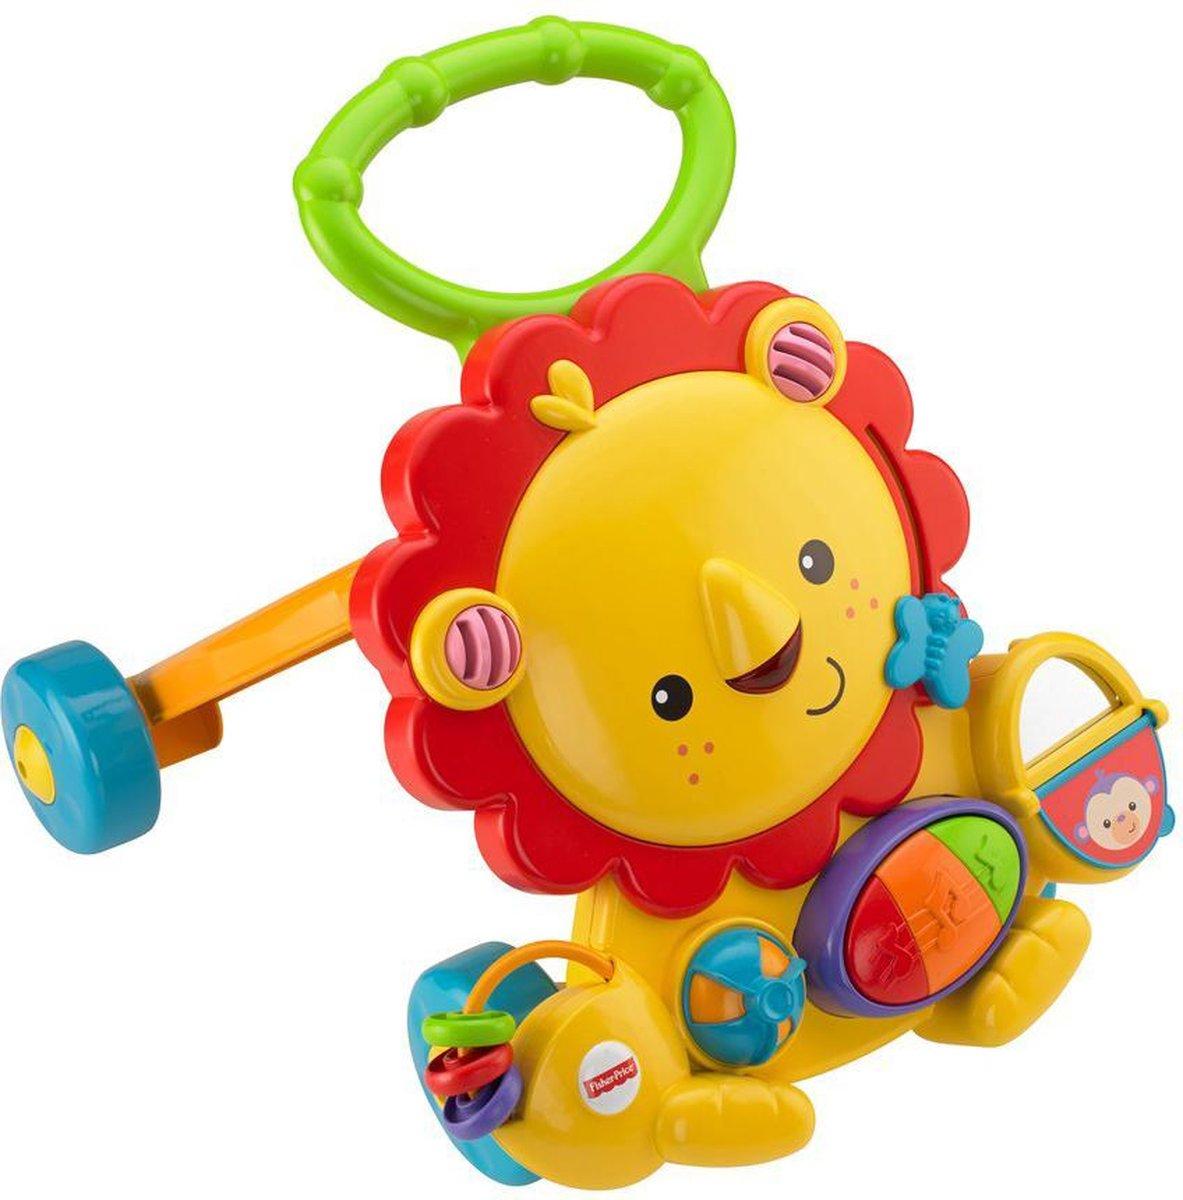 Fisher-Price Muzikale Leeuw Babywalker - Looptrainer